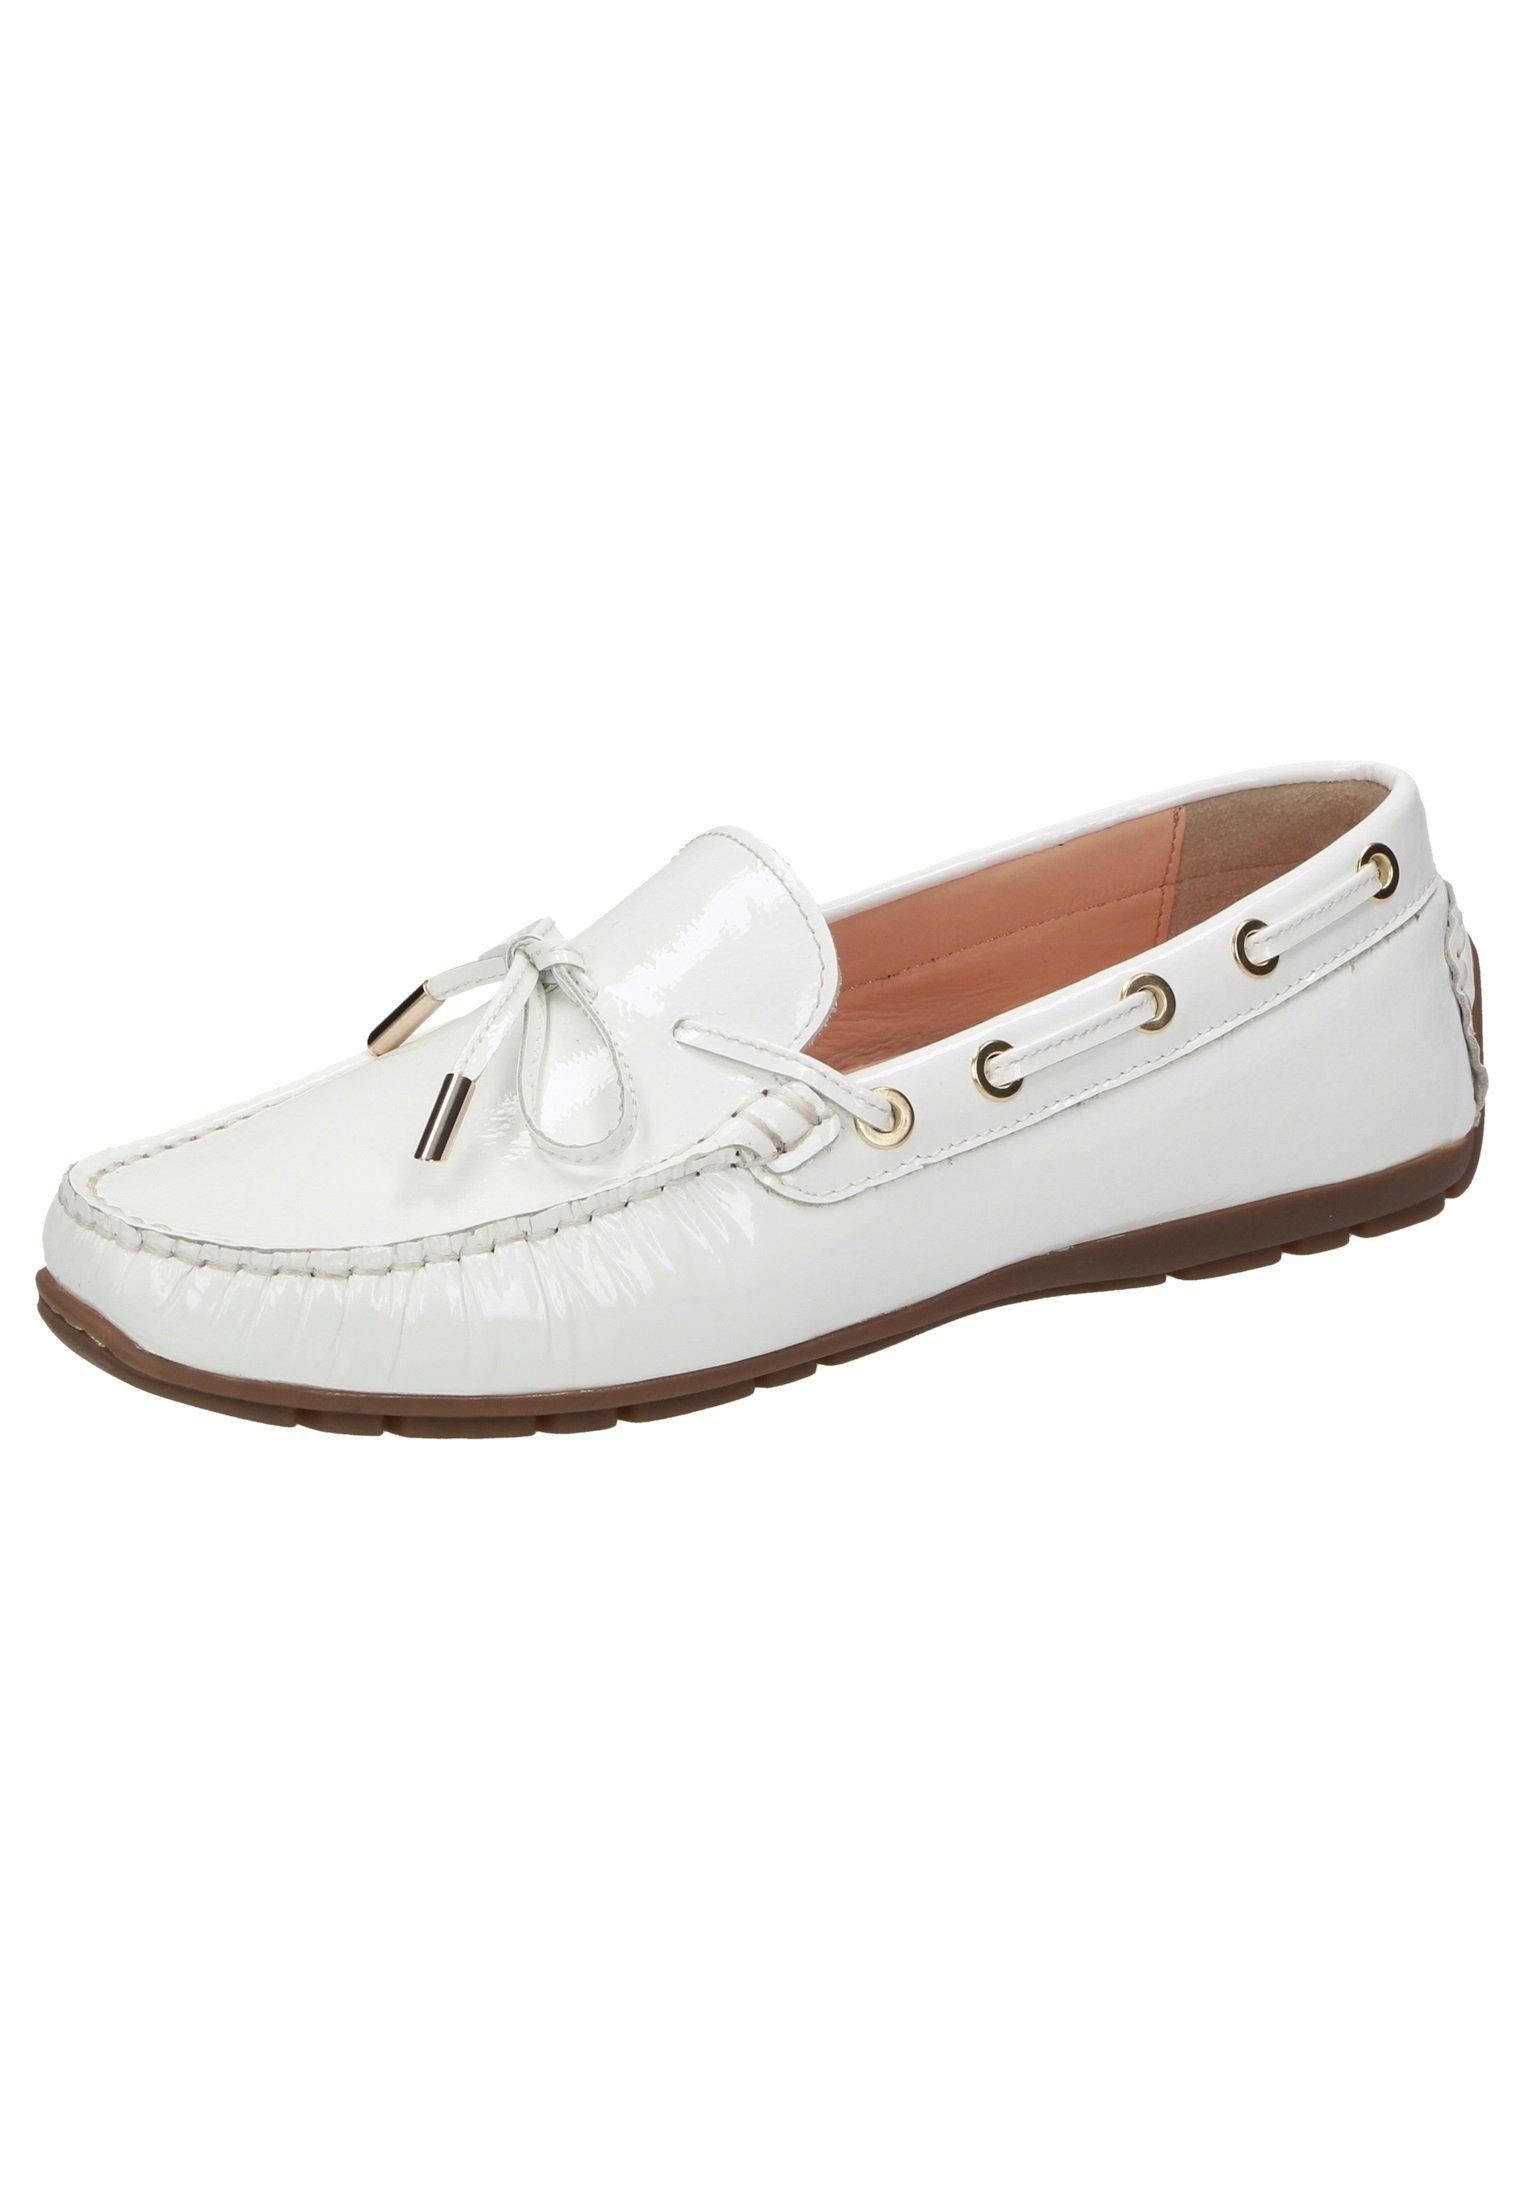 Sioux Carmona - Chaussures Bateau White